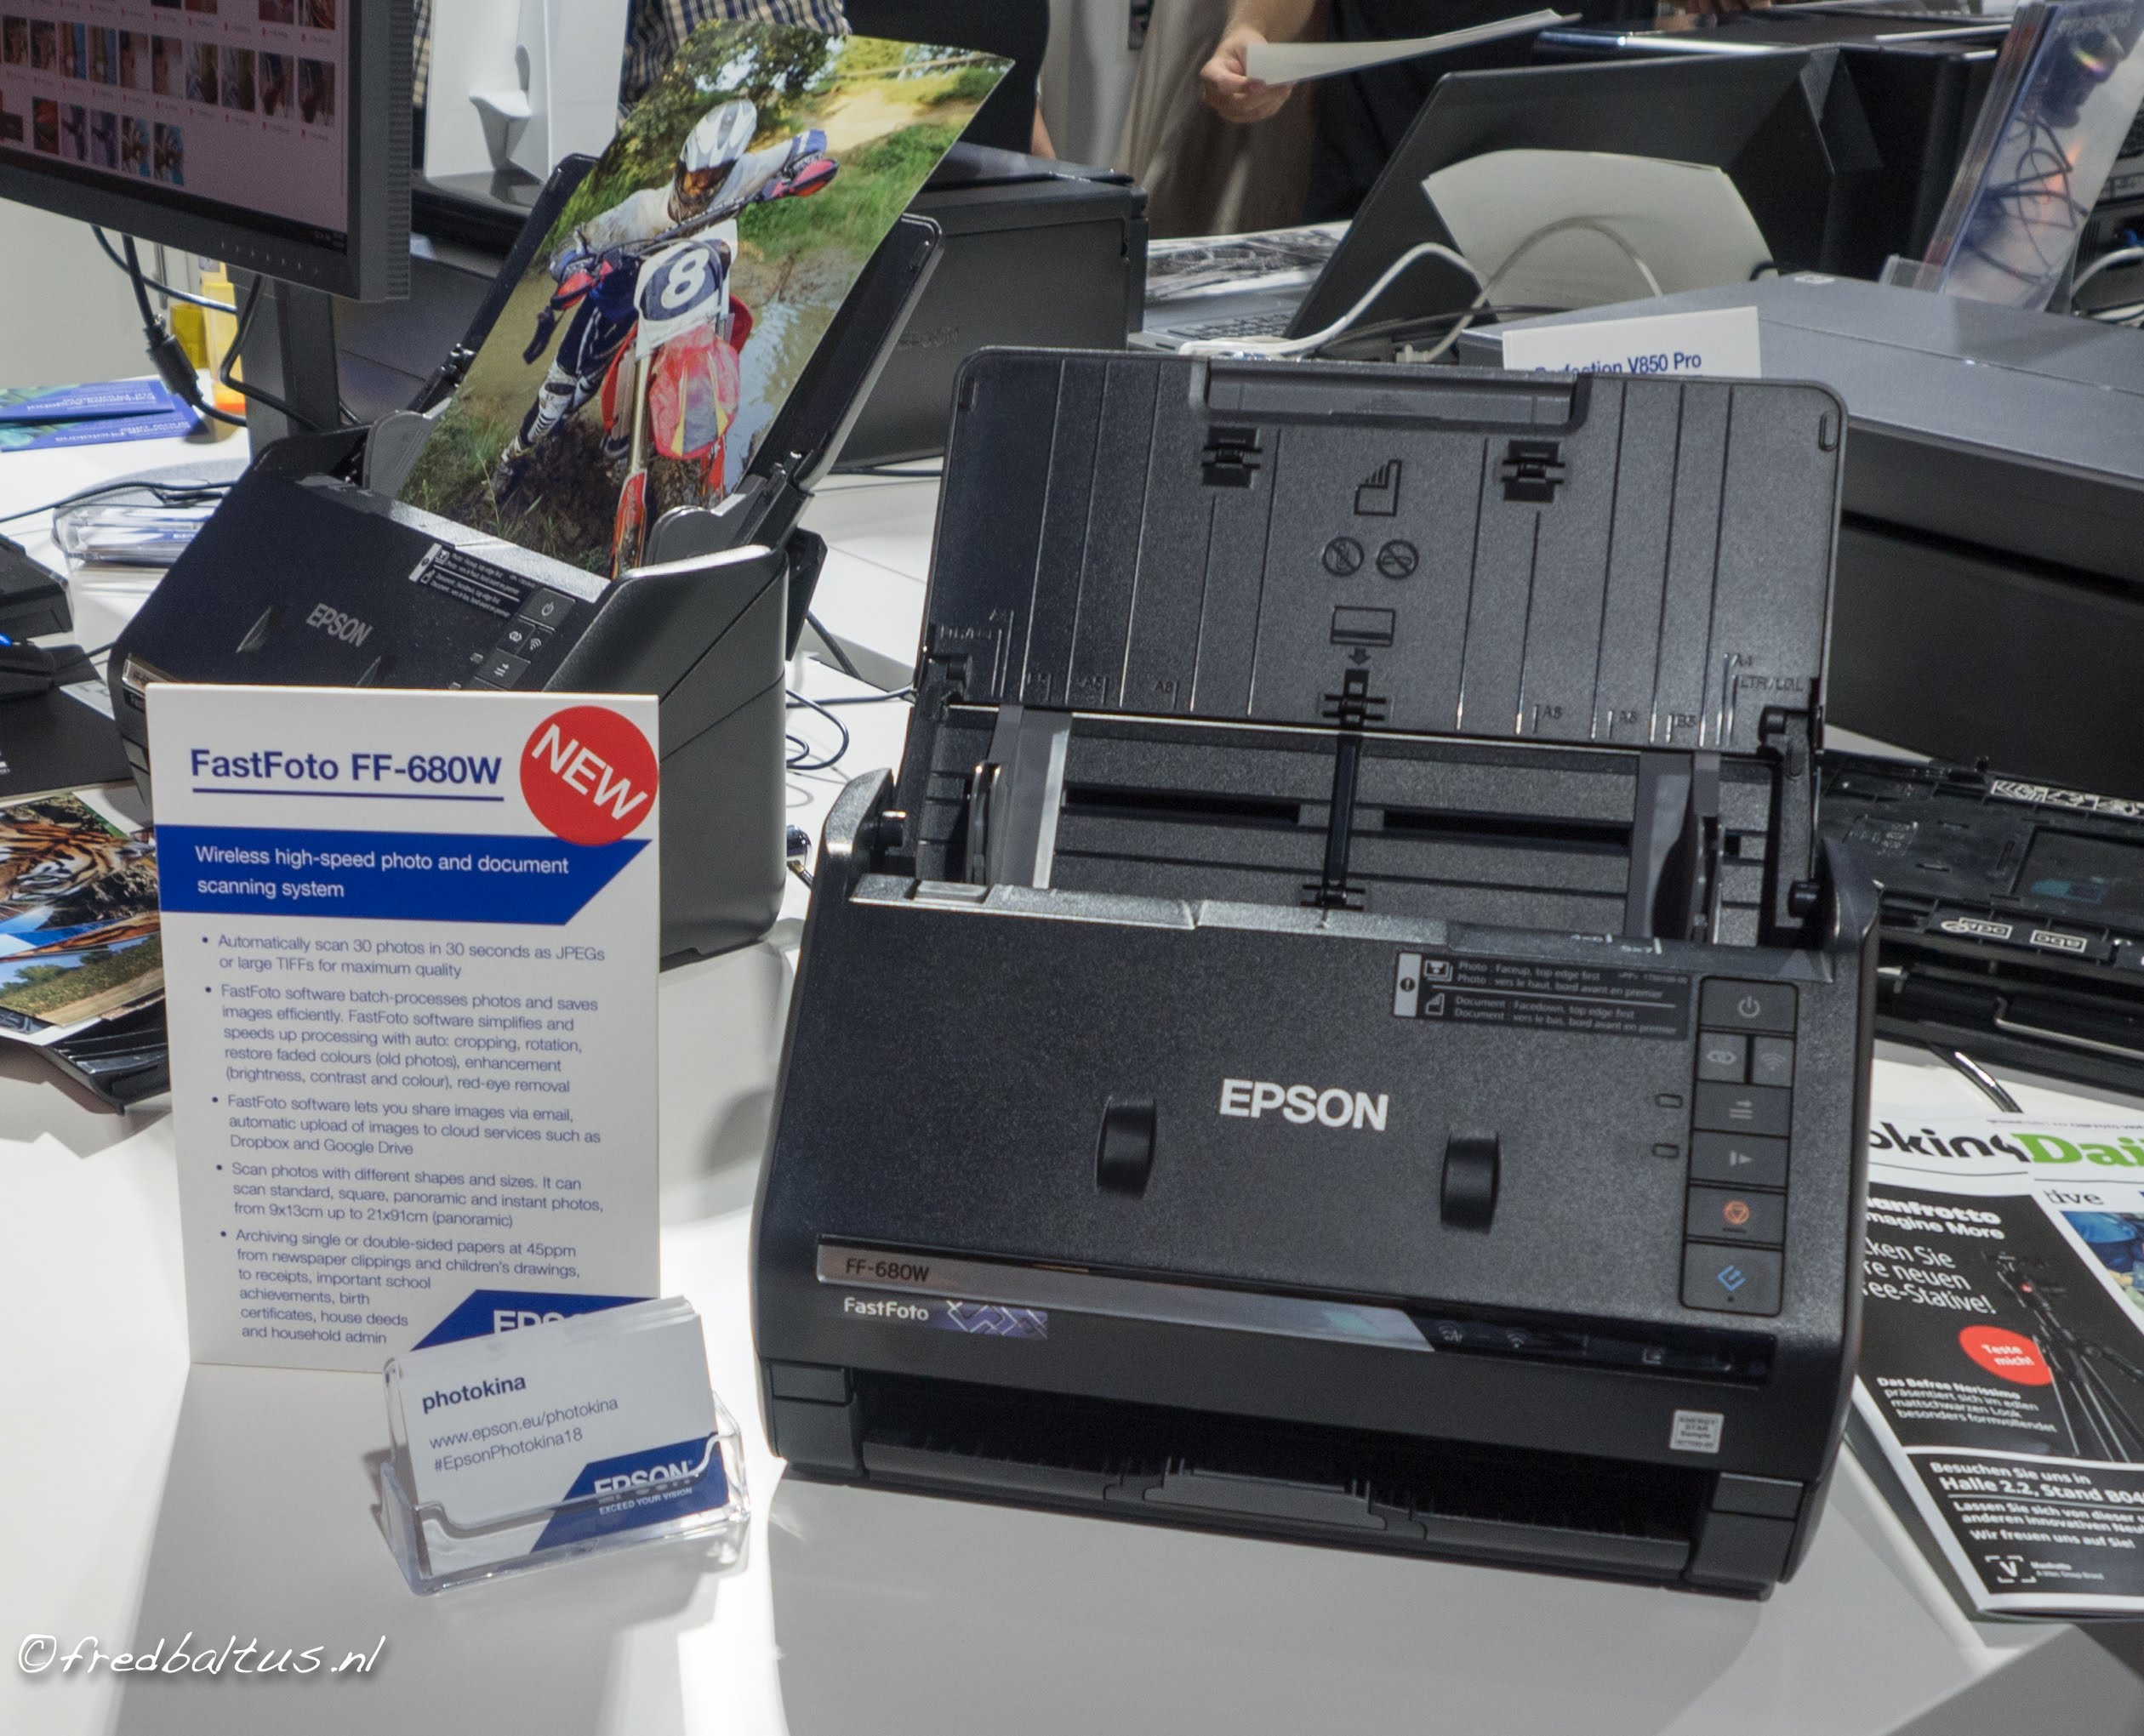 EPson FF 680W